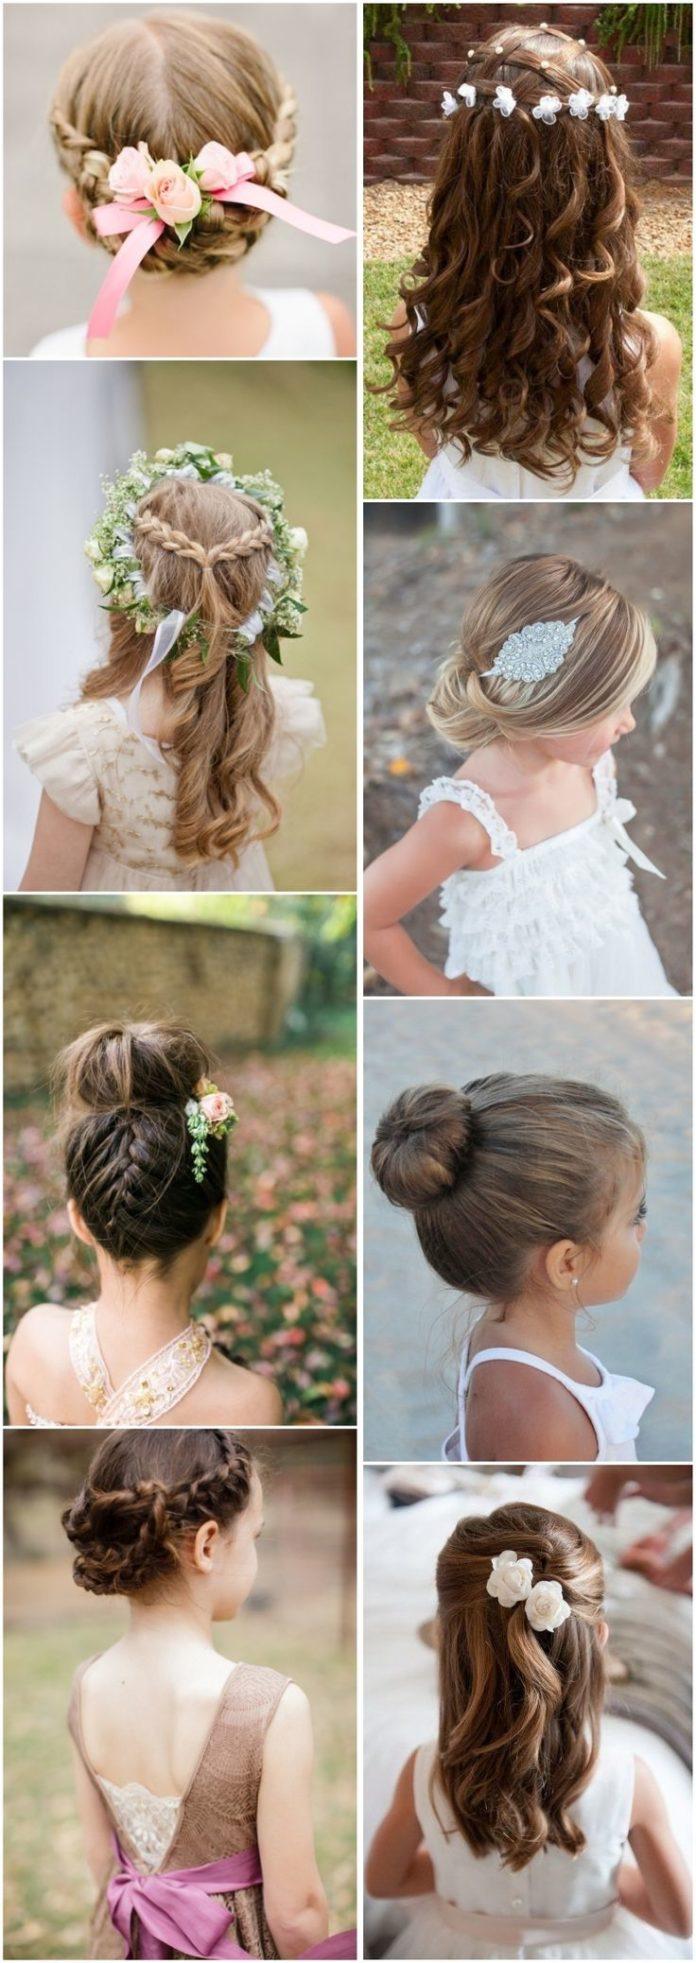 Wedding Hairstyles Cute Little Girl Hairstyles-updos Braids Waterfall / Www.deerpearlflow ...